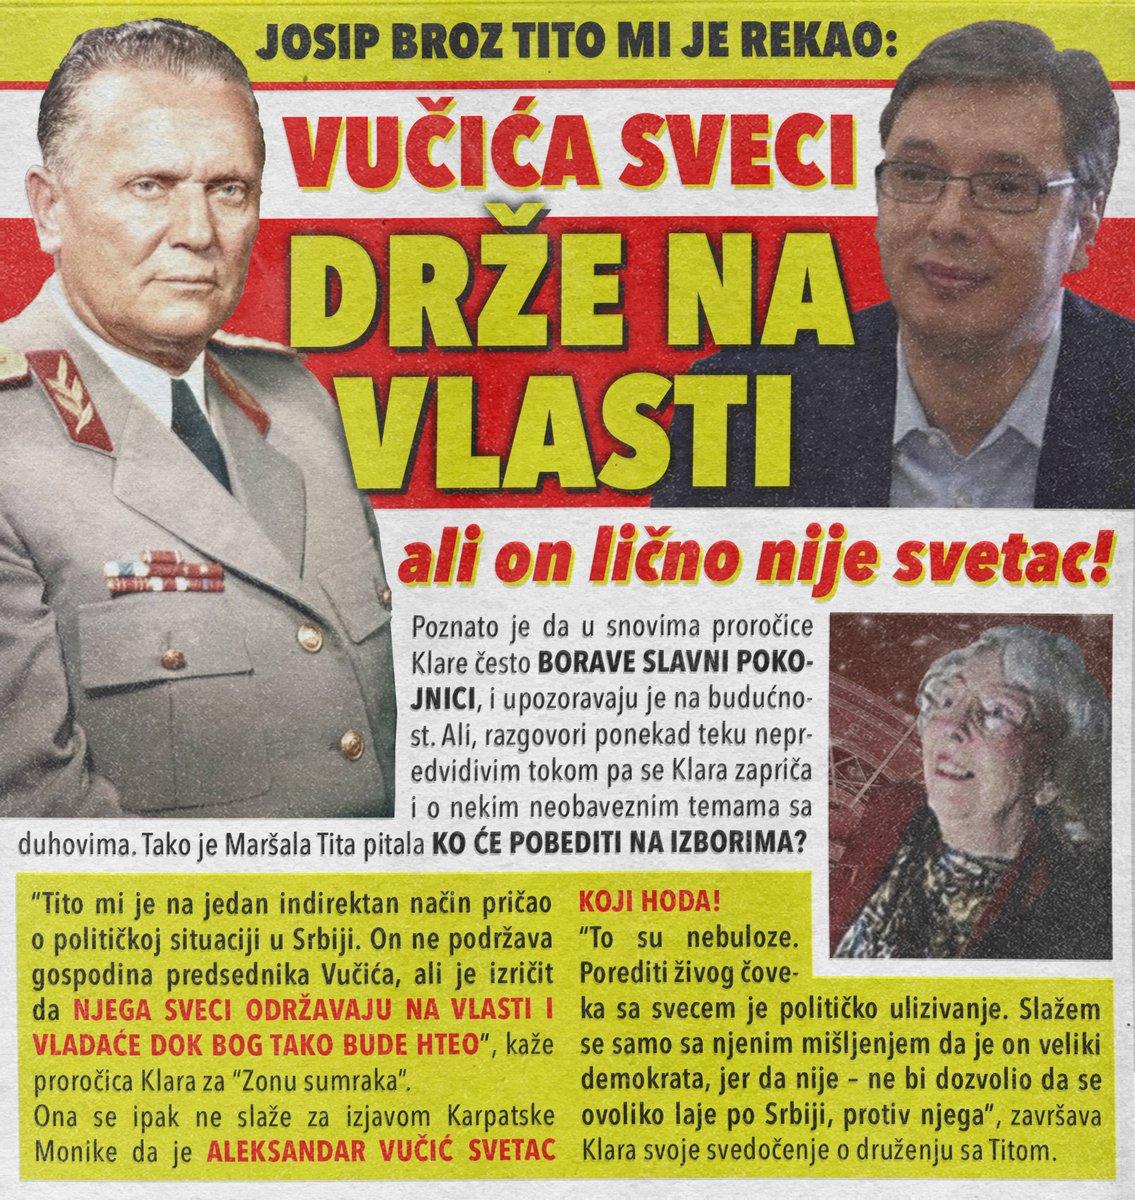 Vidovita Klara: Vučića sveci drže na vlasti